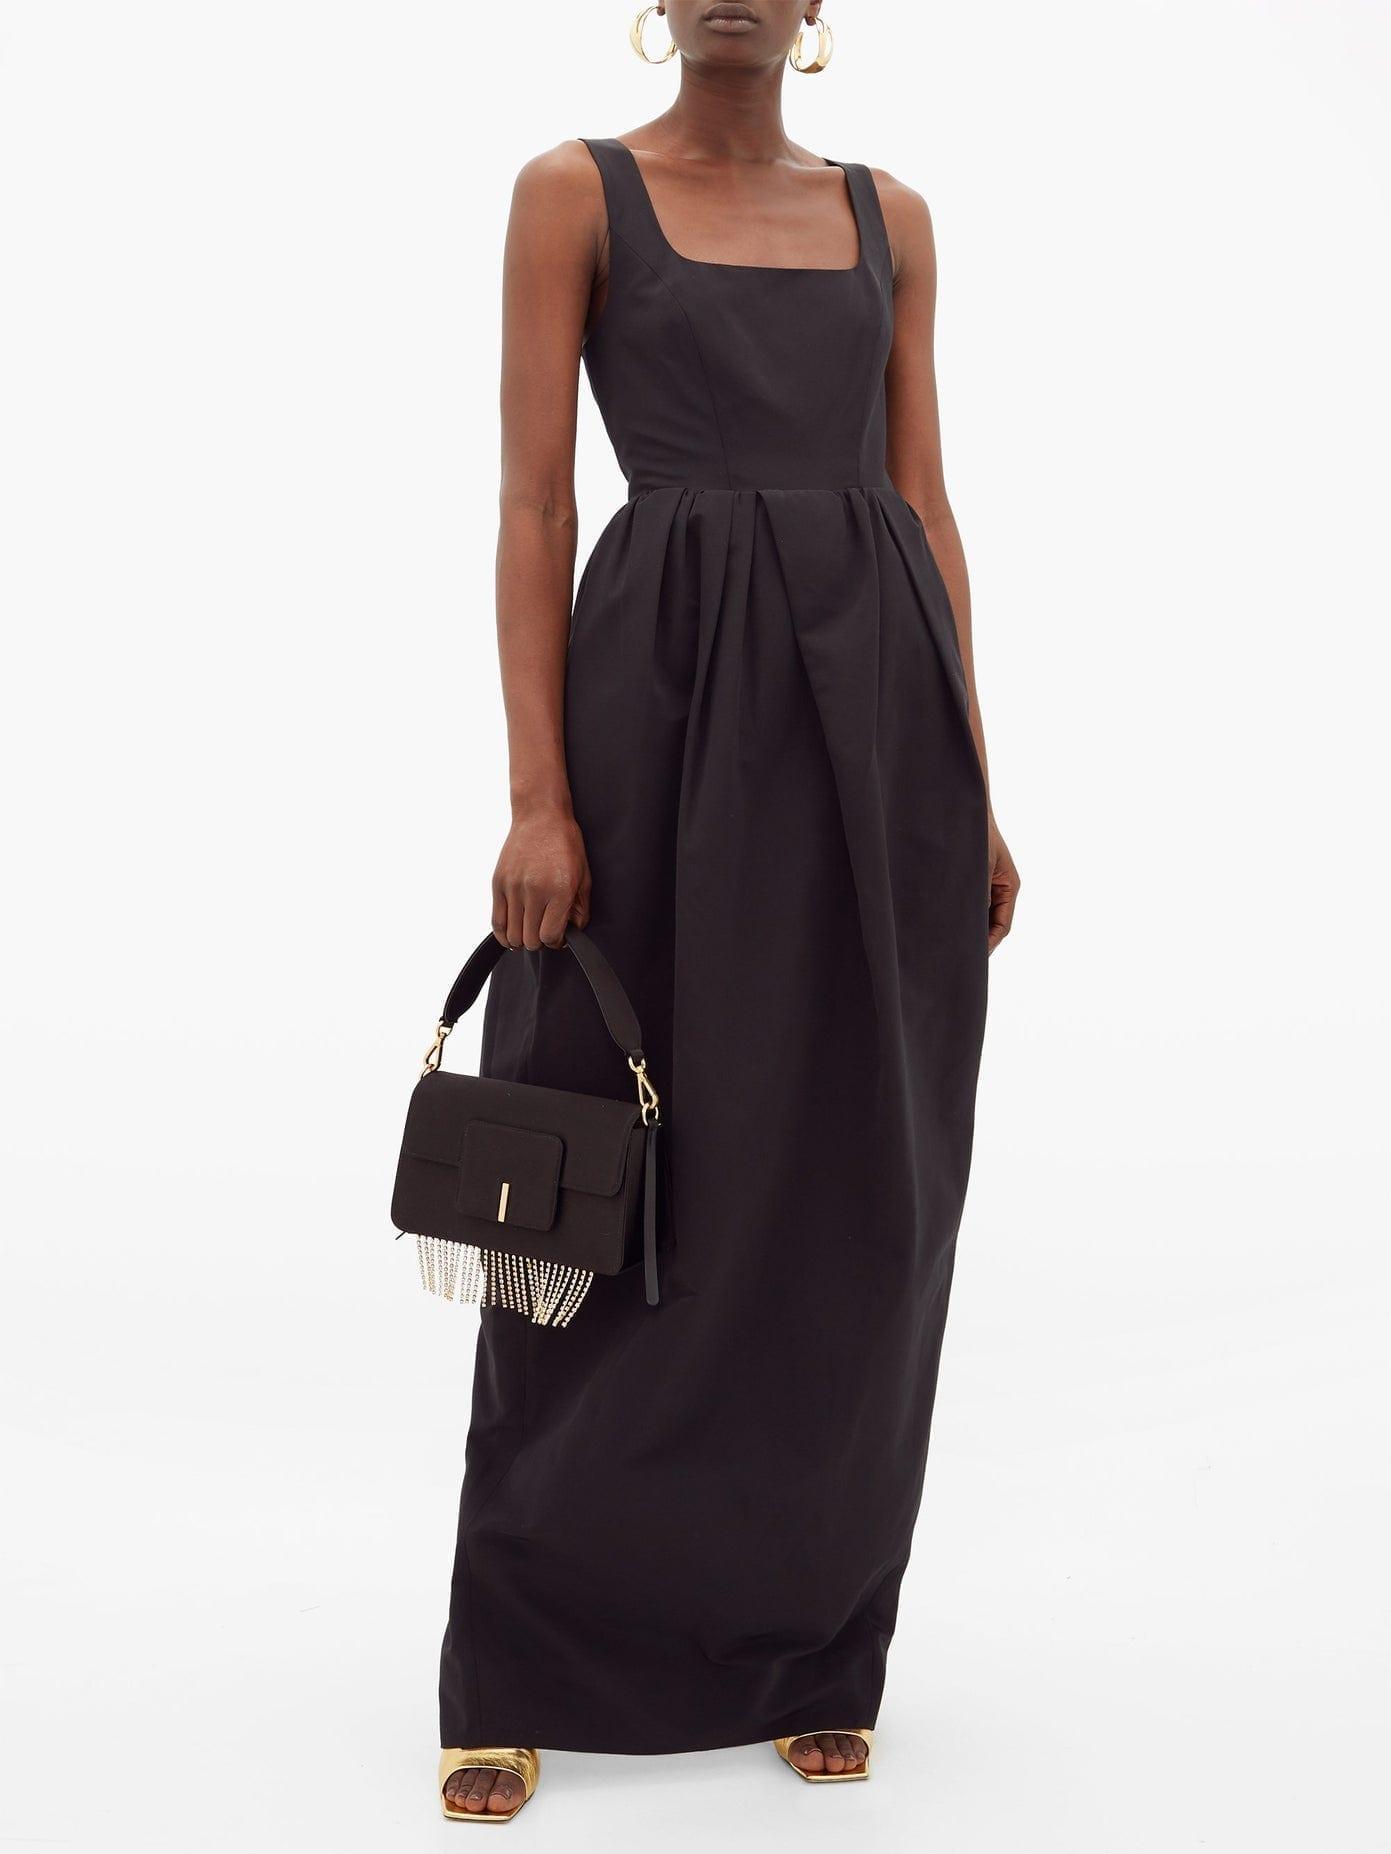 STAUD Square-neck Cotton-blend Faille Maxi Dress